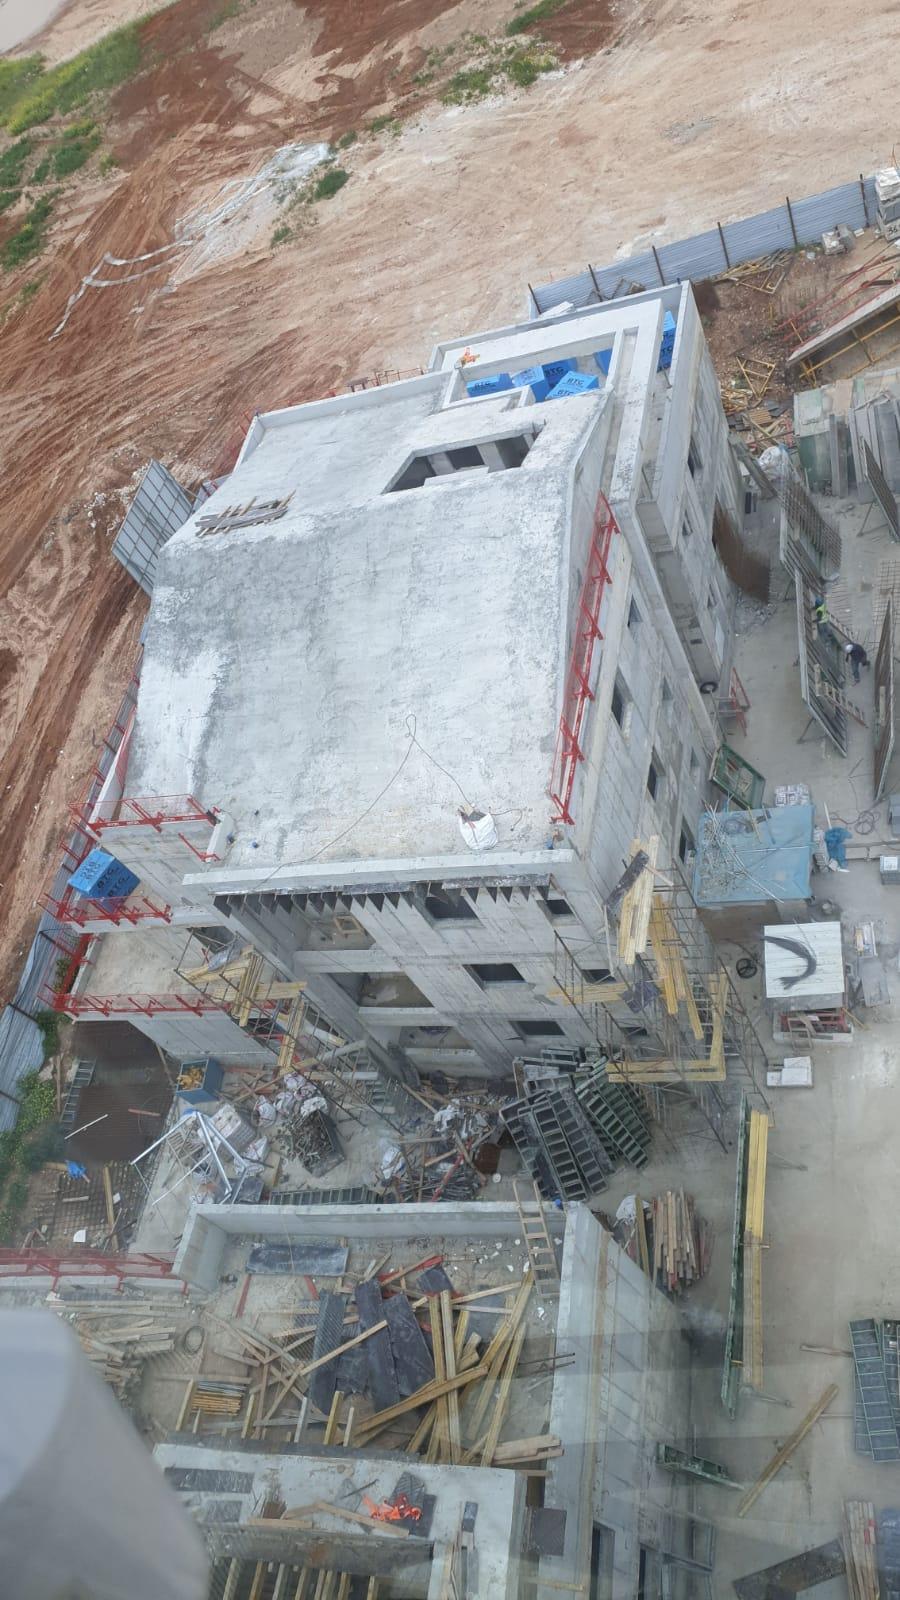 מגרש 107 סיום שלד מבנים דגם א' וגגות משופעים כולל שינויי דיירים | מגרש 106 עבודות על תקרת מרתף 26.03.2020